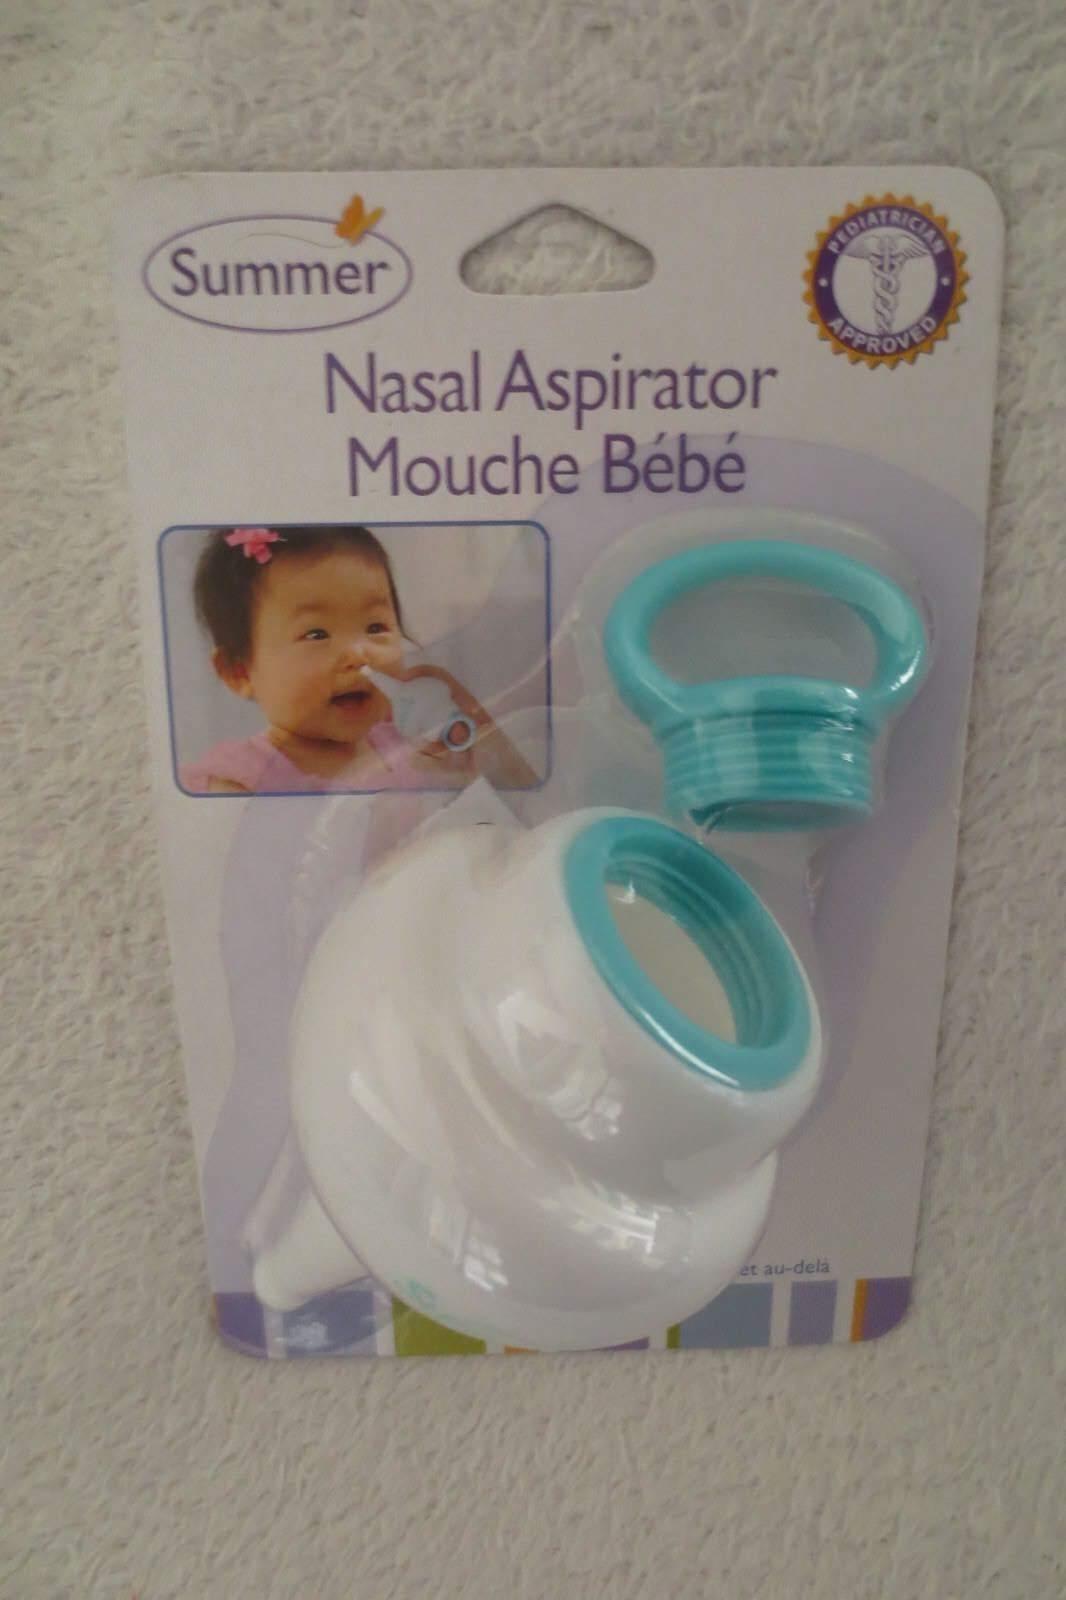 Summer Nasal Aspirator